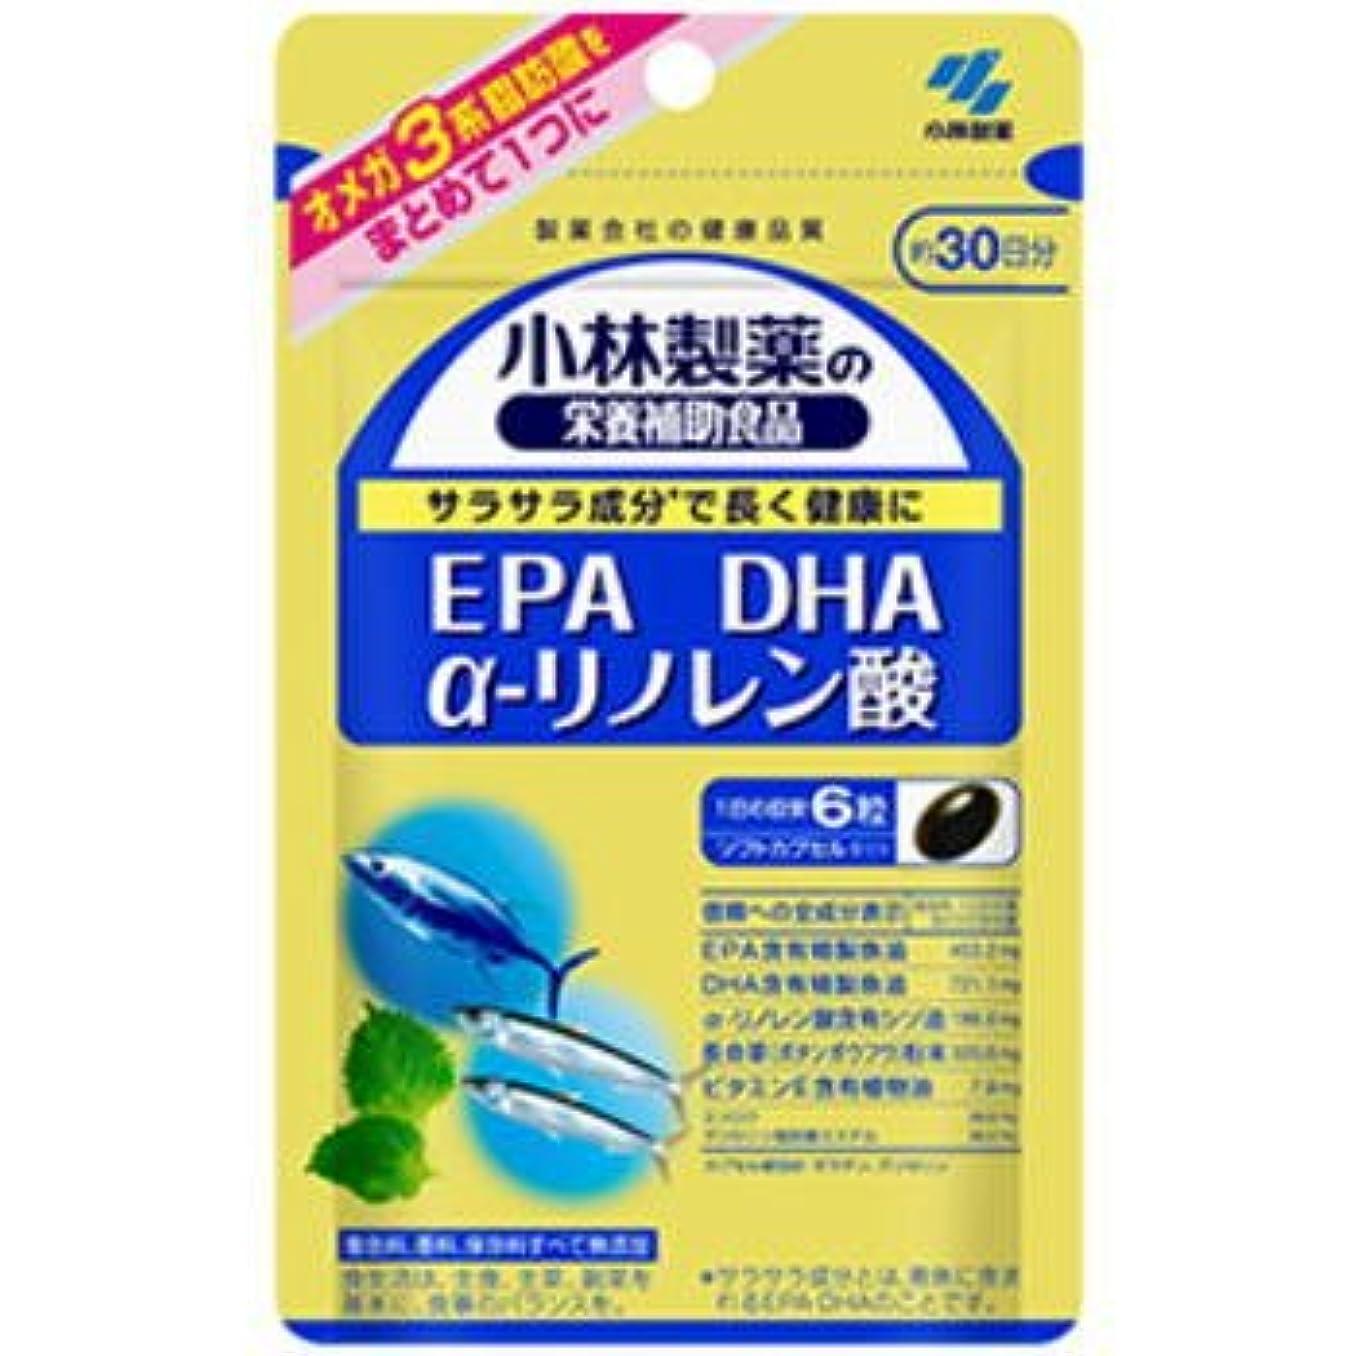 ページェント注釈プラカード小林製薬 EPA DHA α-リノレン酸 180粒【ネコポス発送】